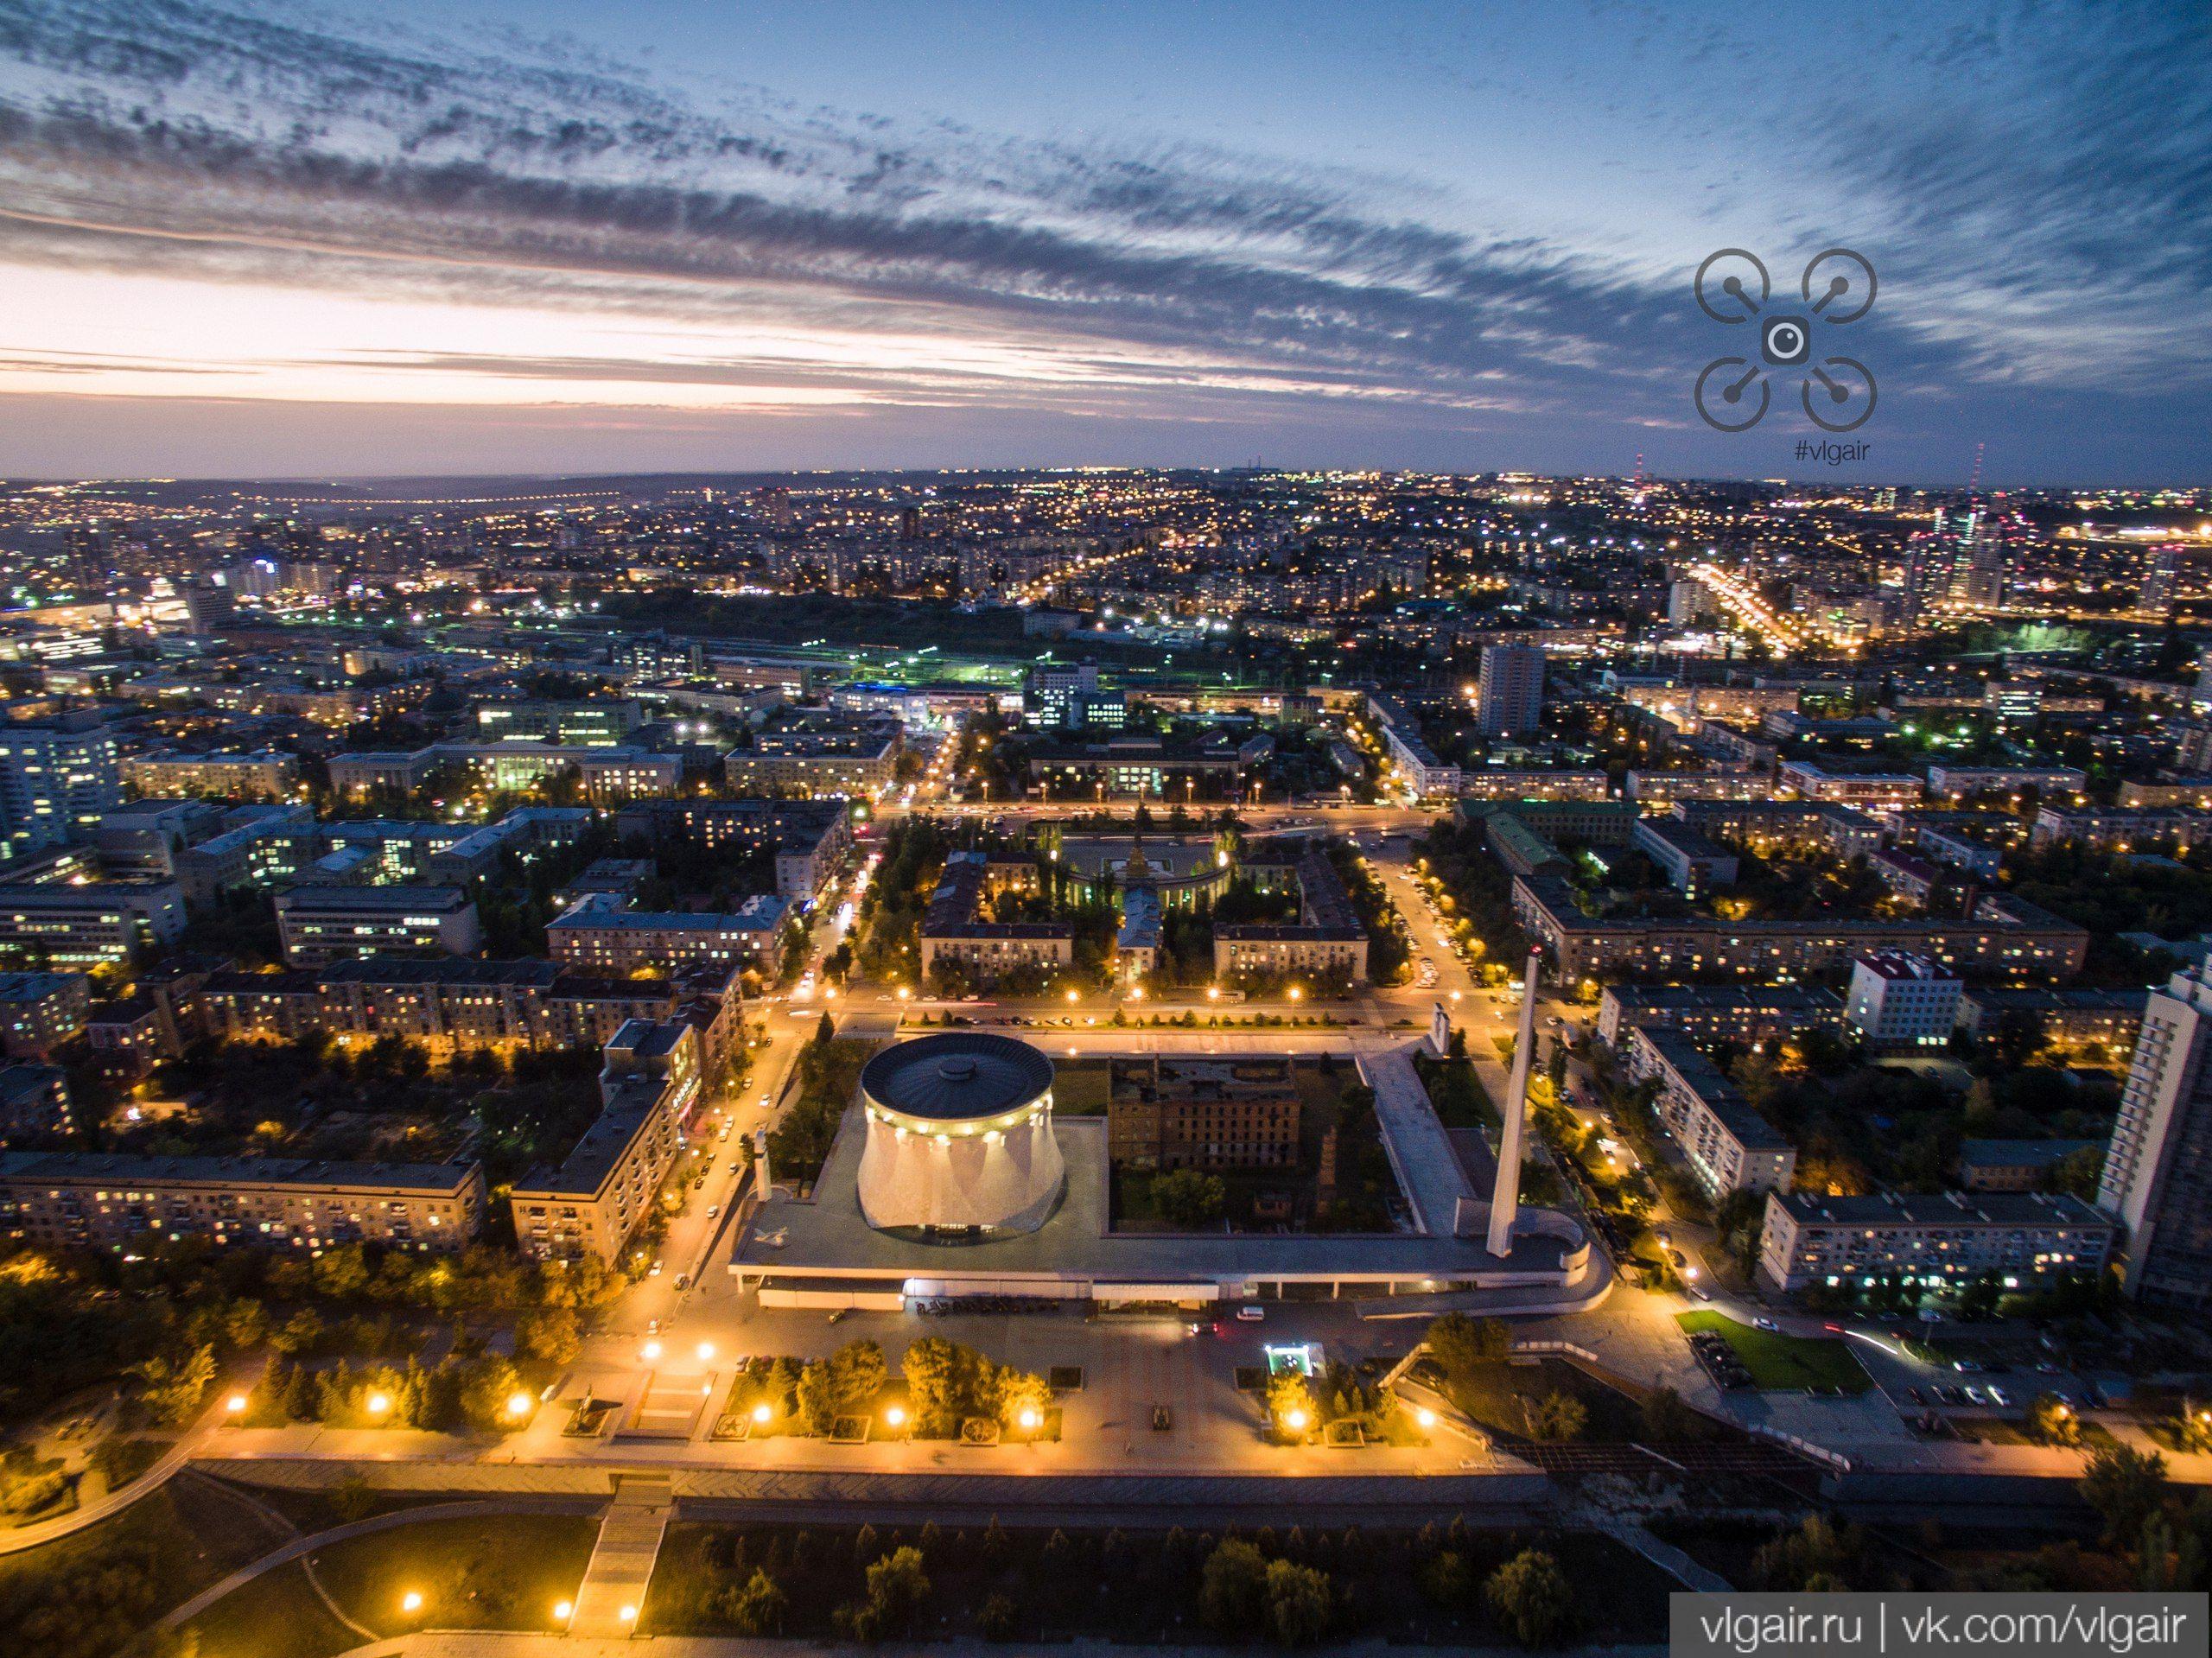 Аэросъемка Волгоград   vlgair